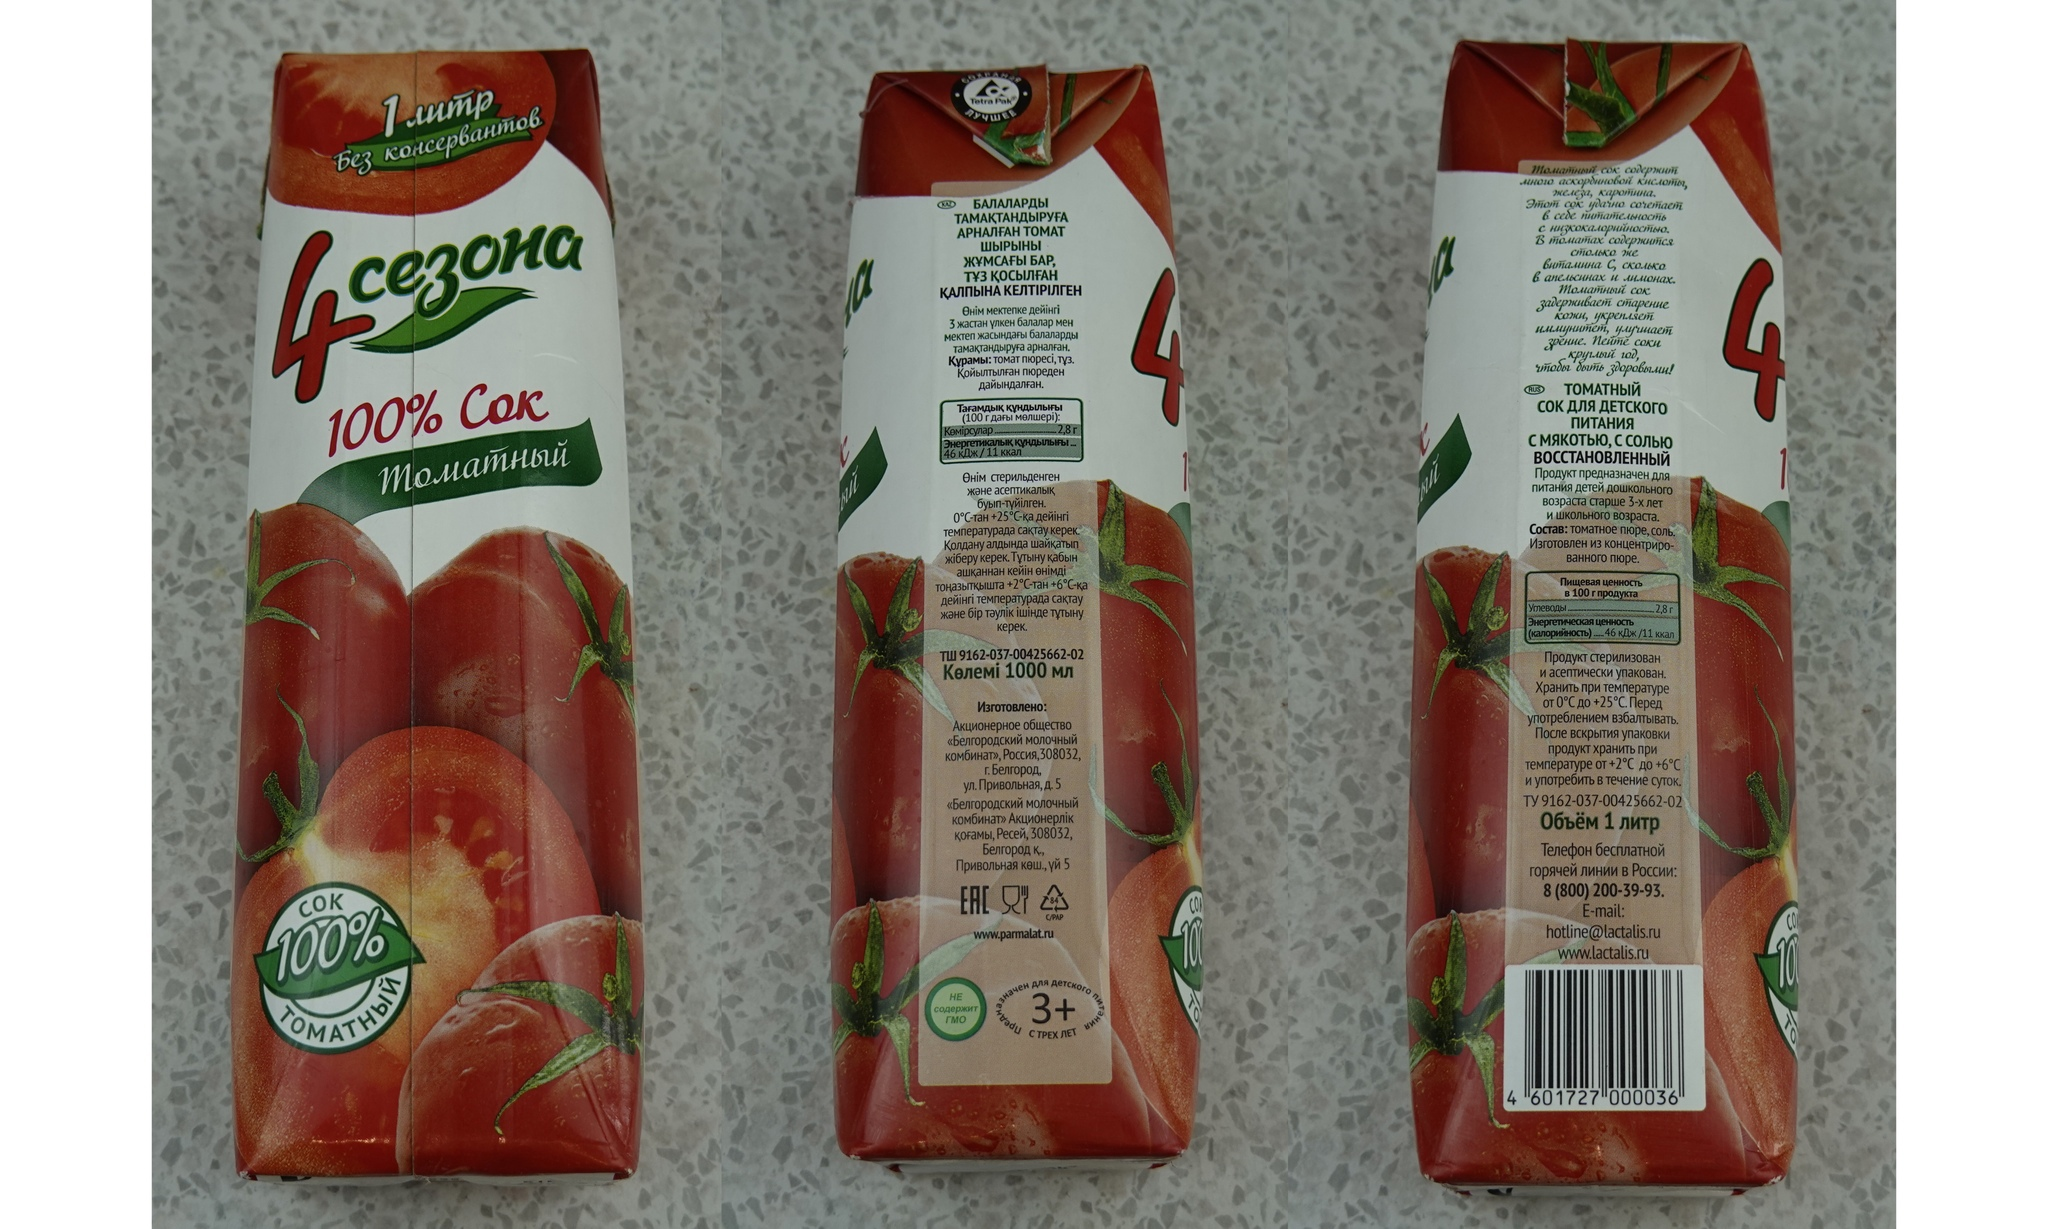 36 оттенков томатного сока. Разбор восстановленного сока